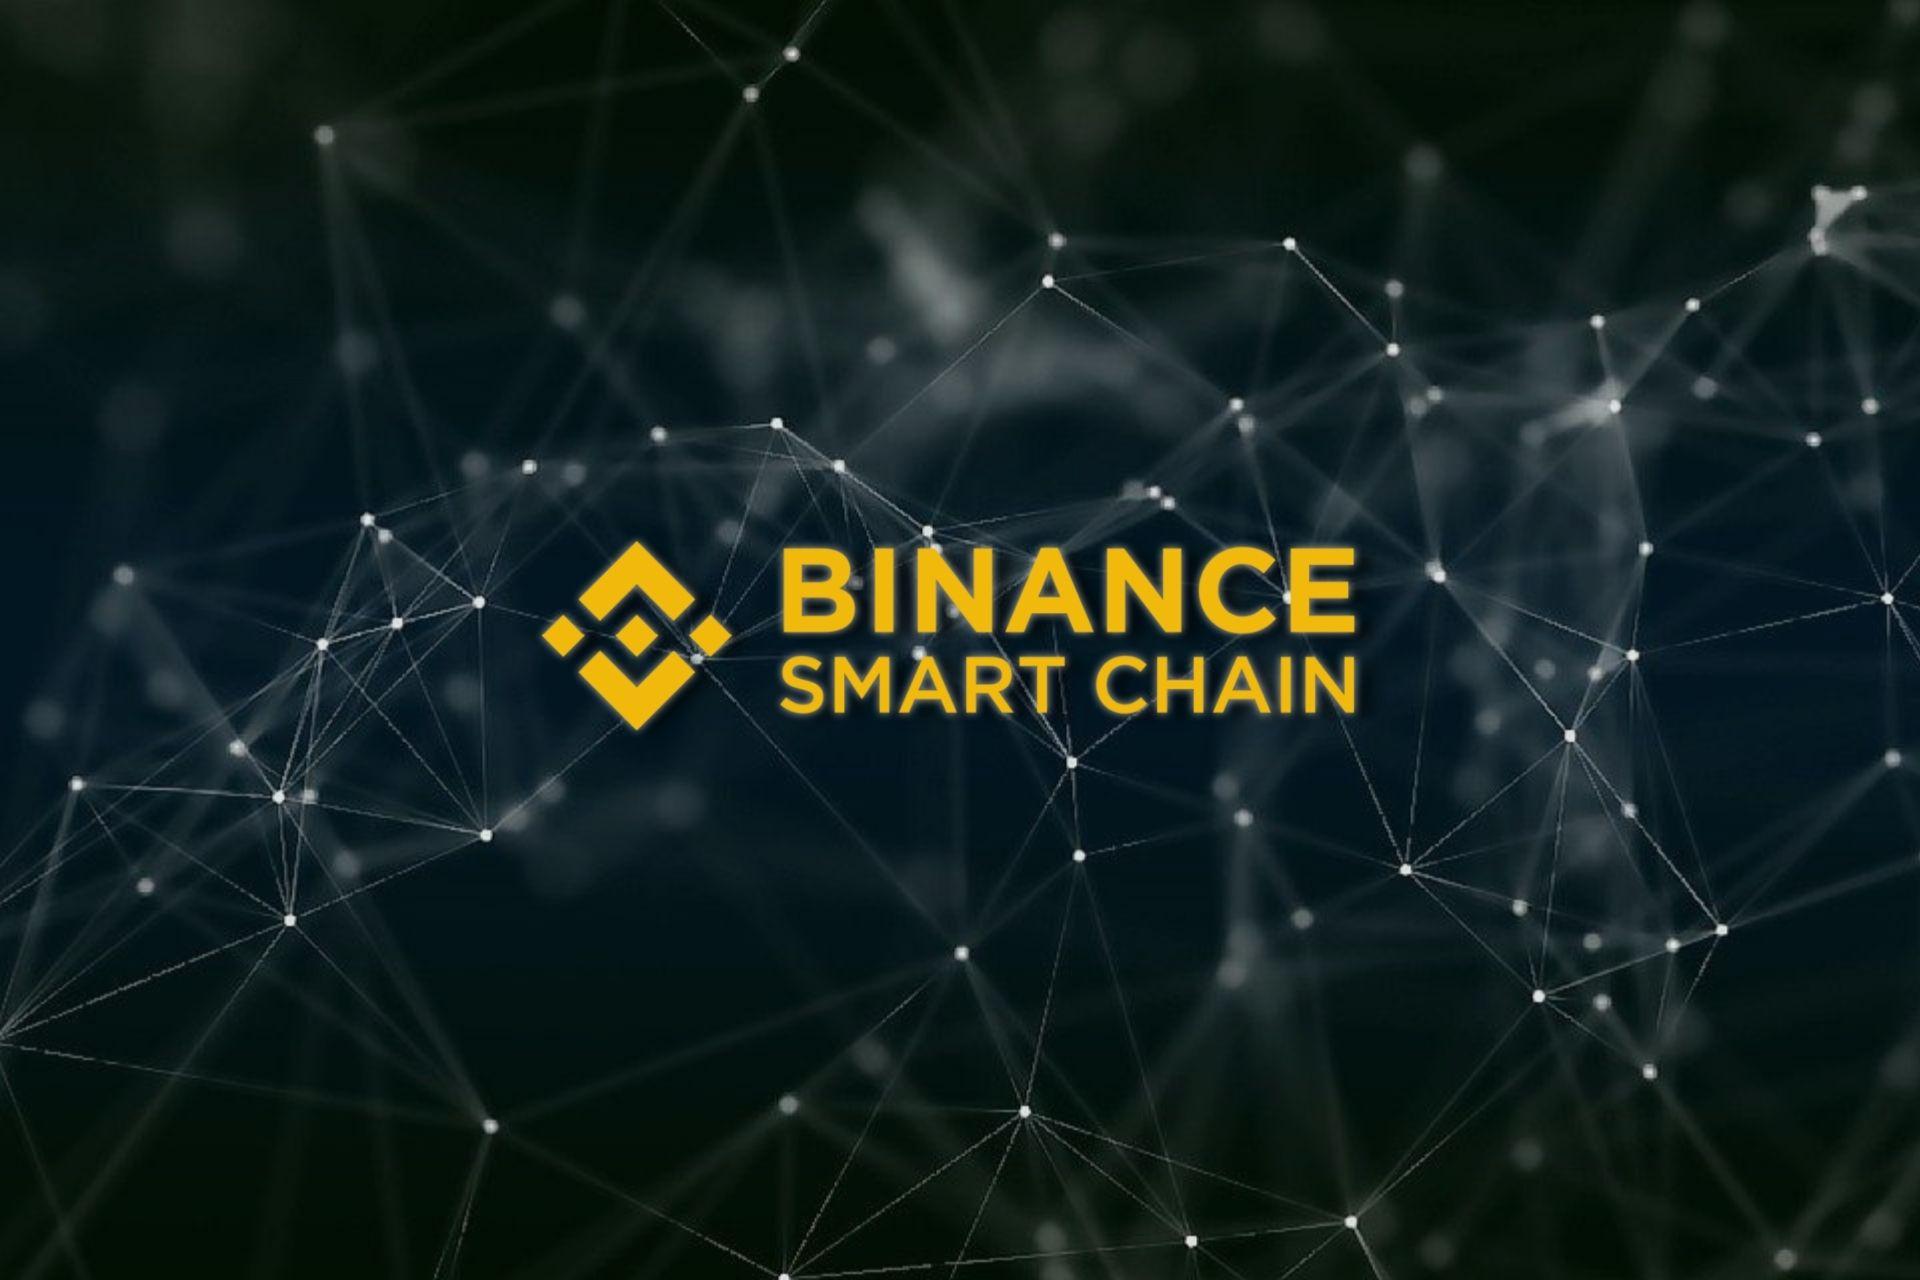 Binance lanza un fondo de mil millones de dólares para acelerar el crecimiento de su Binance Smart Chain hasta los mil millones de usuarios